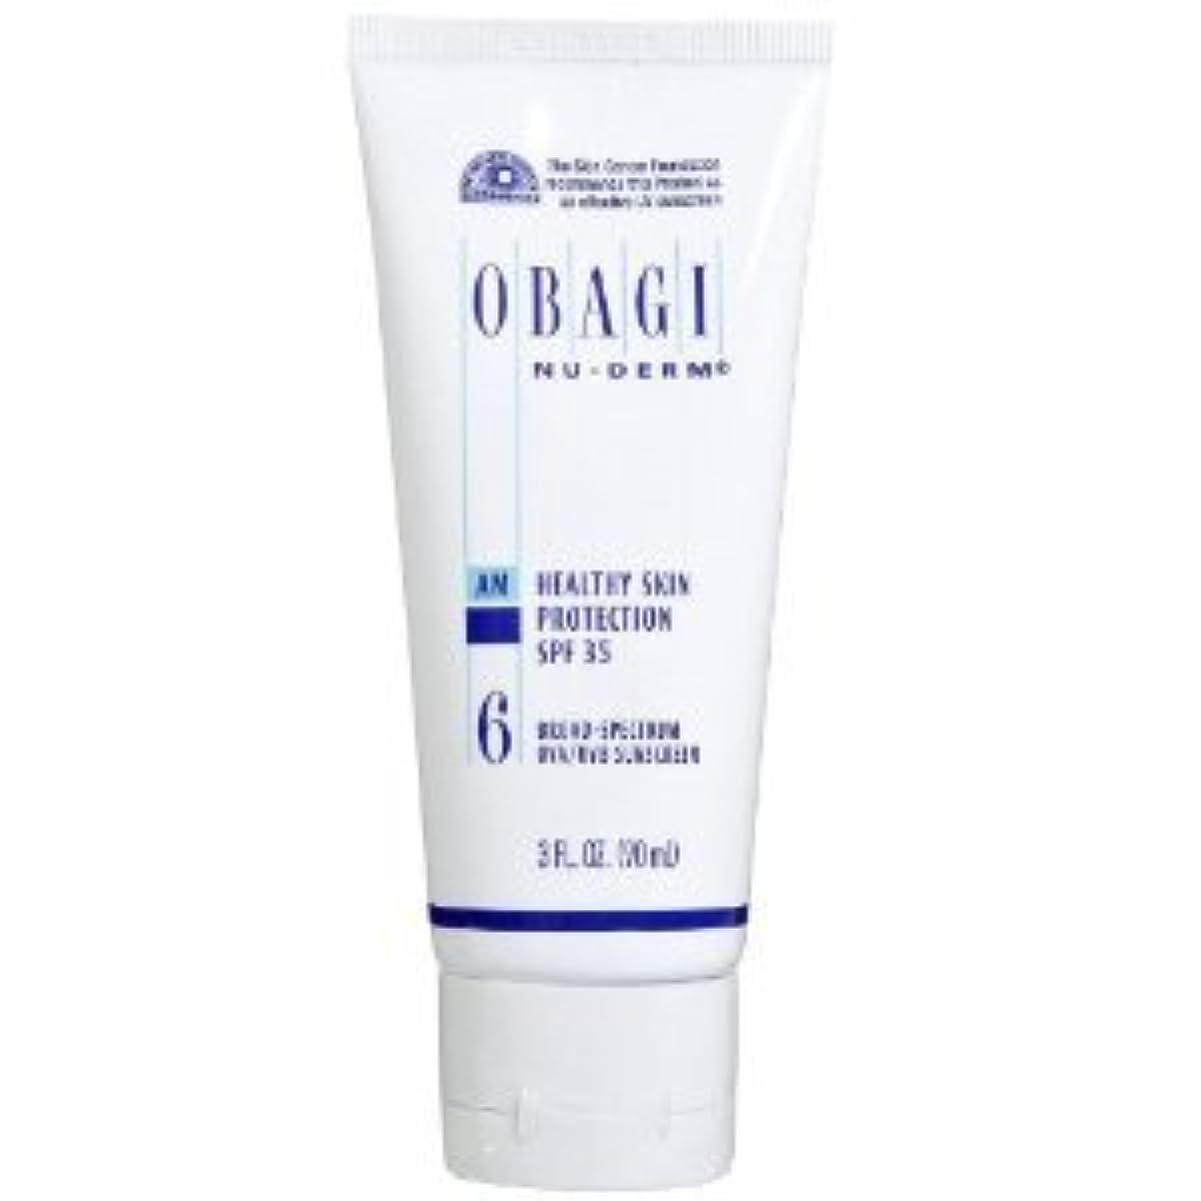 大使館著作権迷信オバジ ニューダーム スキンプロテクション サンスクリーン(SPF35) Obagi Nu-Derm Healthy Skin Protection SPF 35 Sunscreens